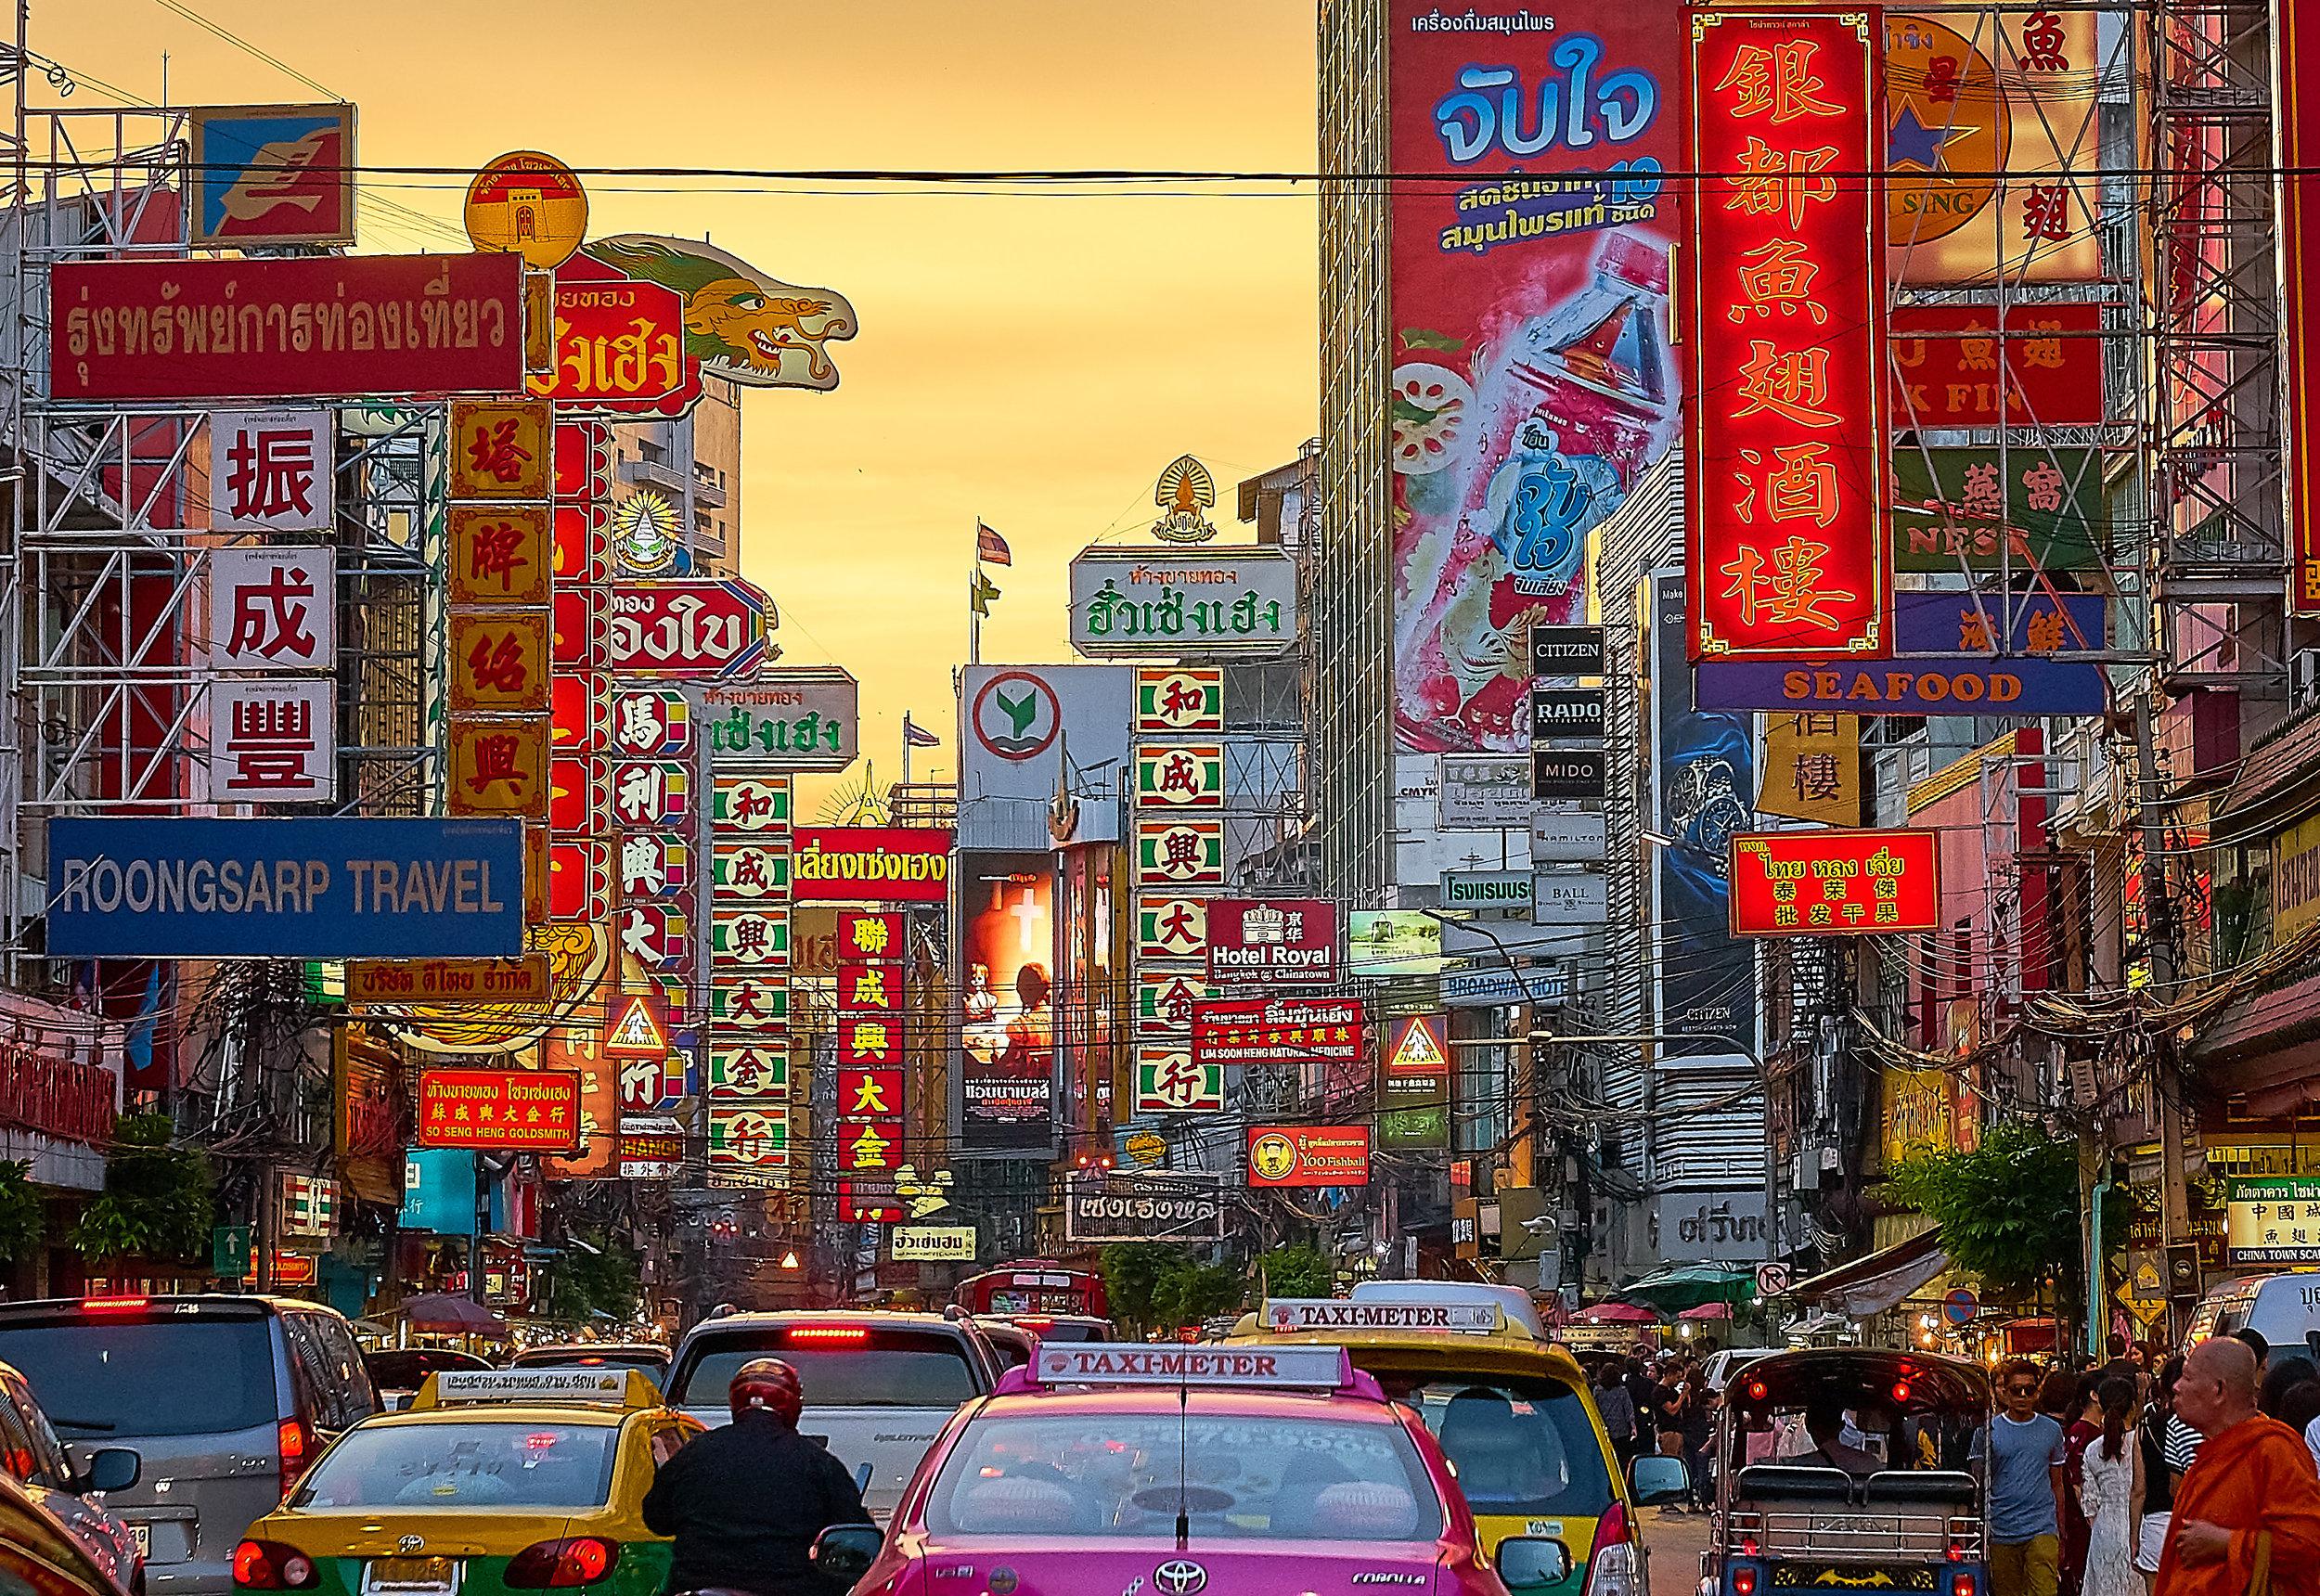 Visas - Los ciudadanos estadounidenses que porten un pasaporte válido y posean un boleto de avión de ida o vuelta no requieren visa para ingresar a Tailandia si su viaje es de menos de 30 días. El pasaporte debe tener al menos seis meses de validez restante para poder ingresar. Solo debes llenar los documentos a la entrada en el aeropuerto.